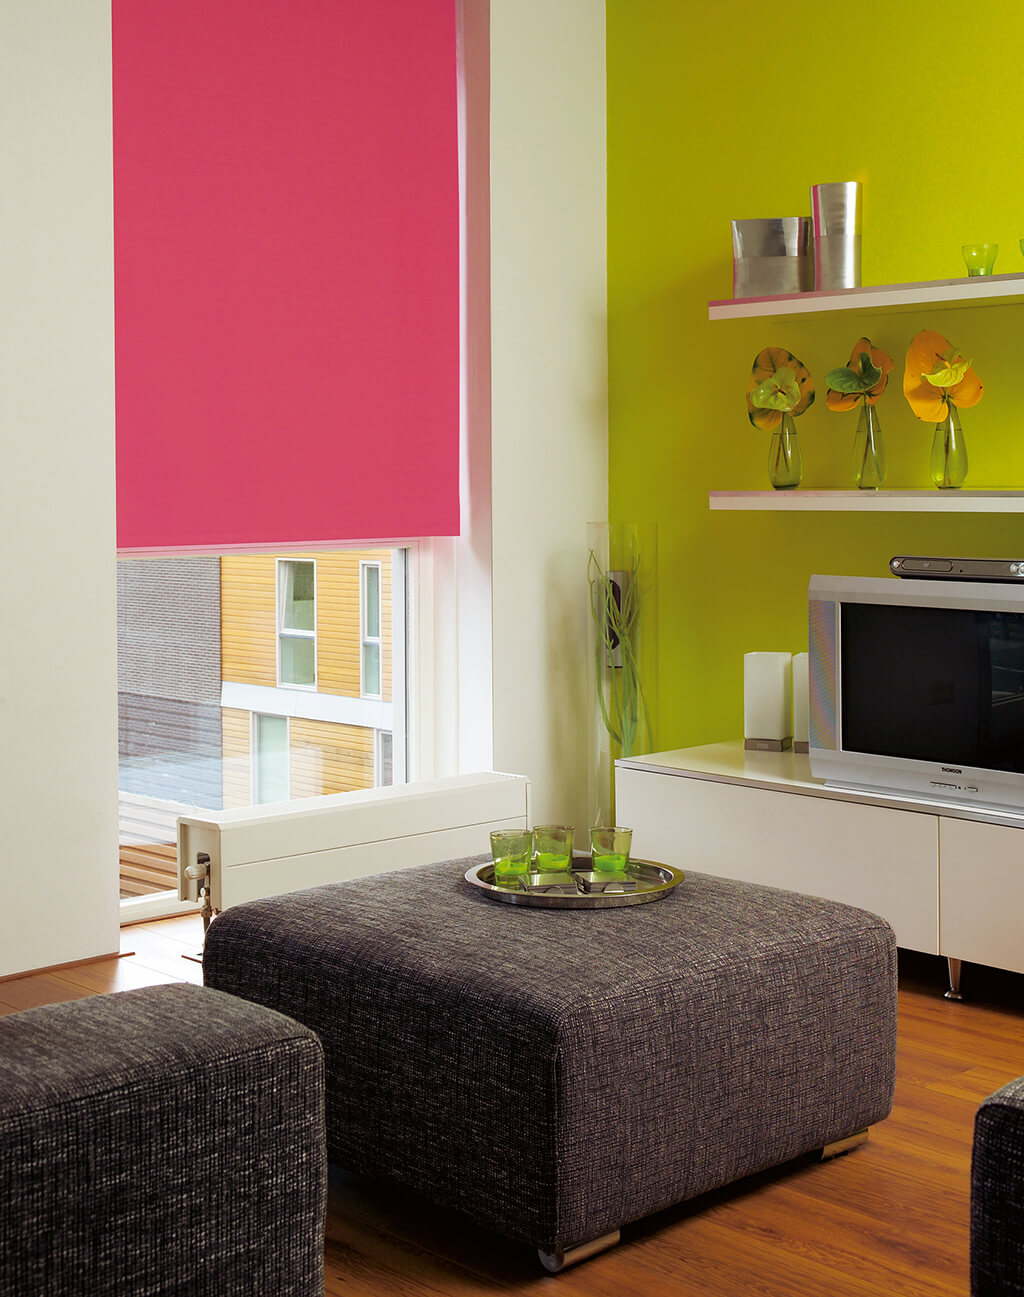 Pinkes Verdunkelungsrollo am deckenhohen Fenster im Wohnzimmer